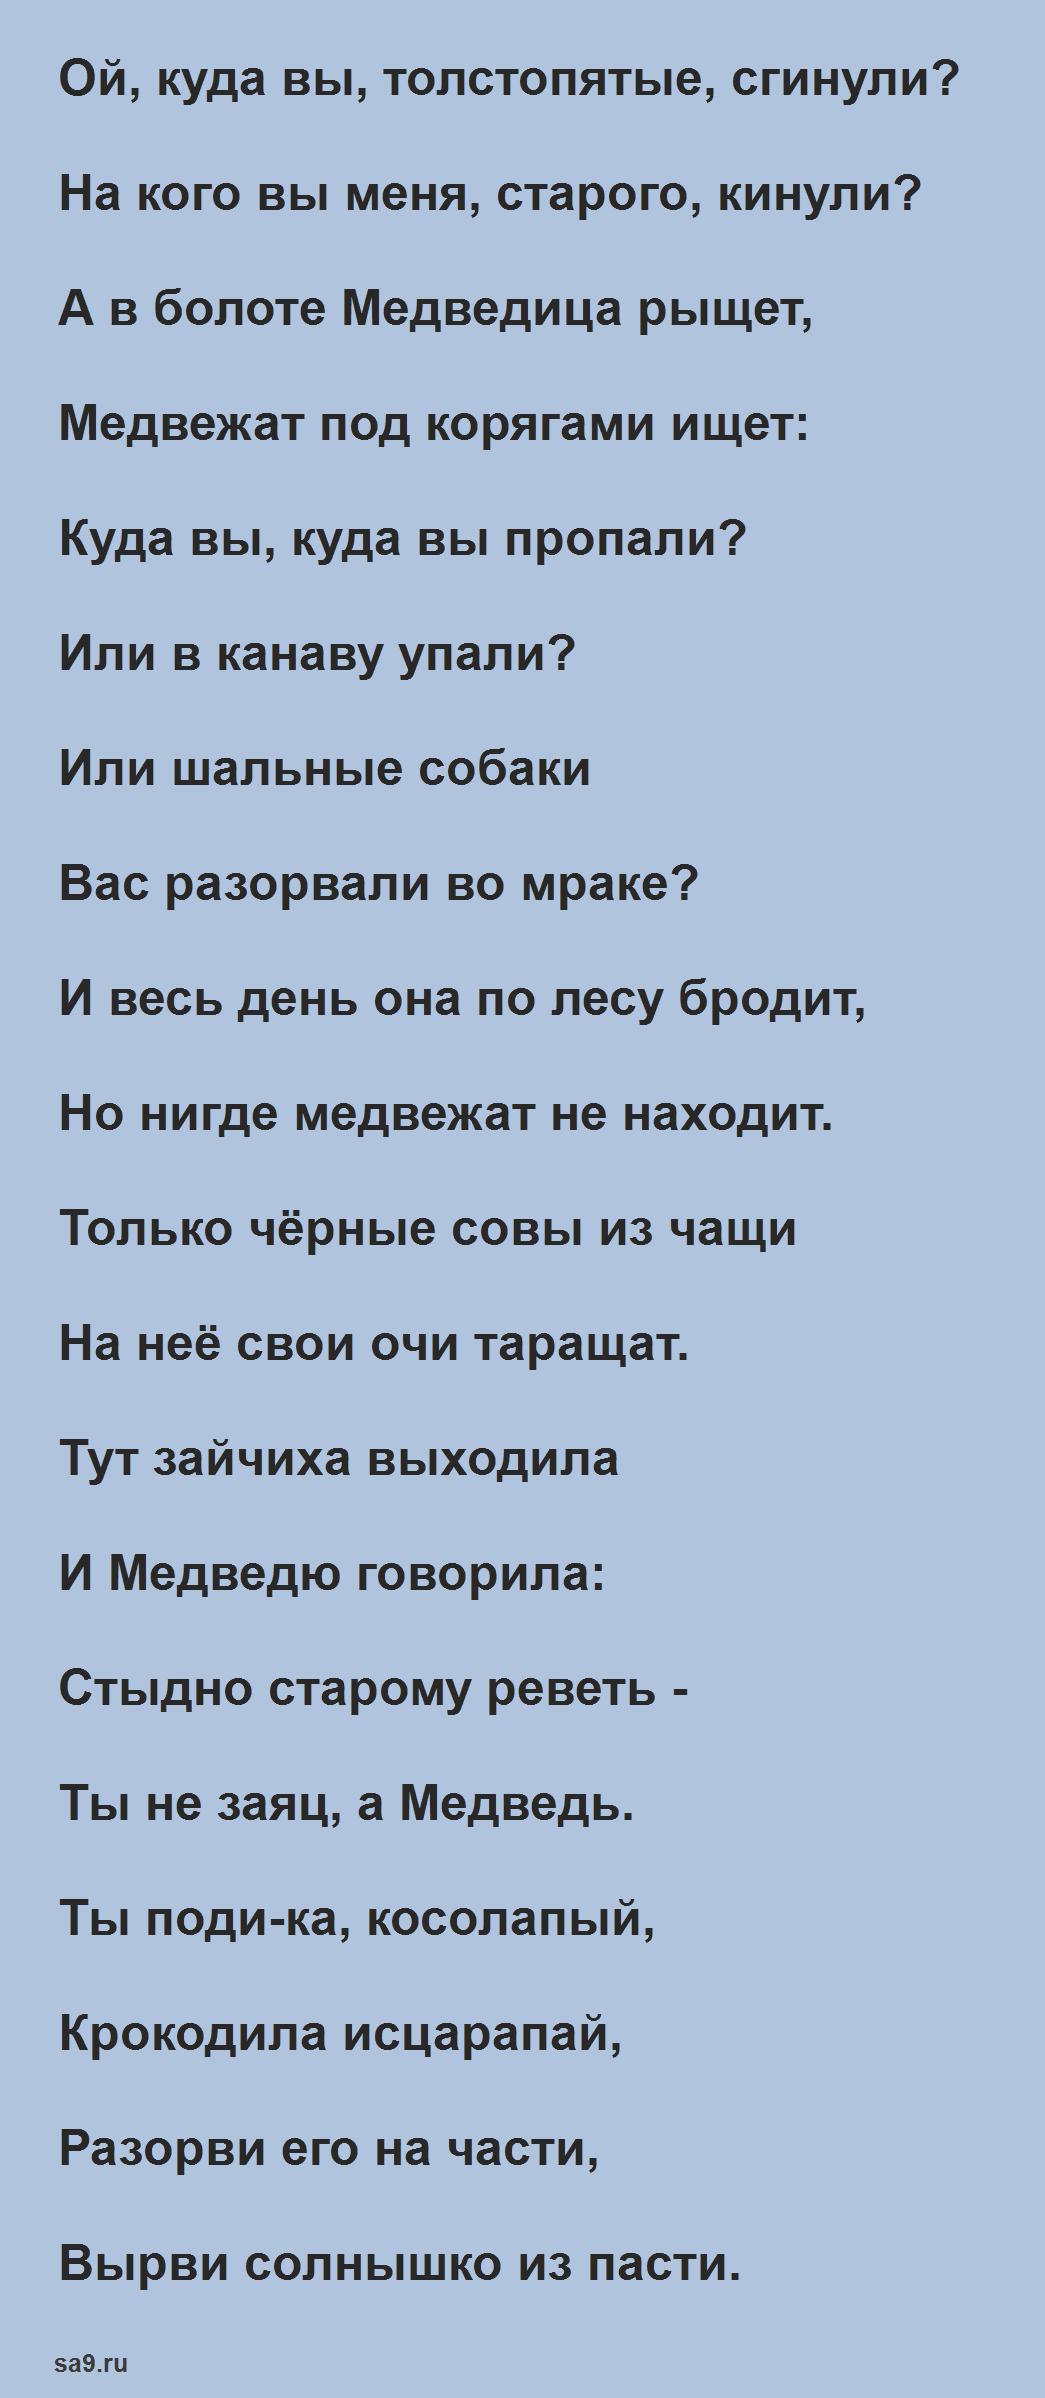 Читать сказку Чуковского для детей 'Краденое солнце'